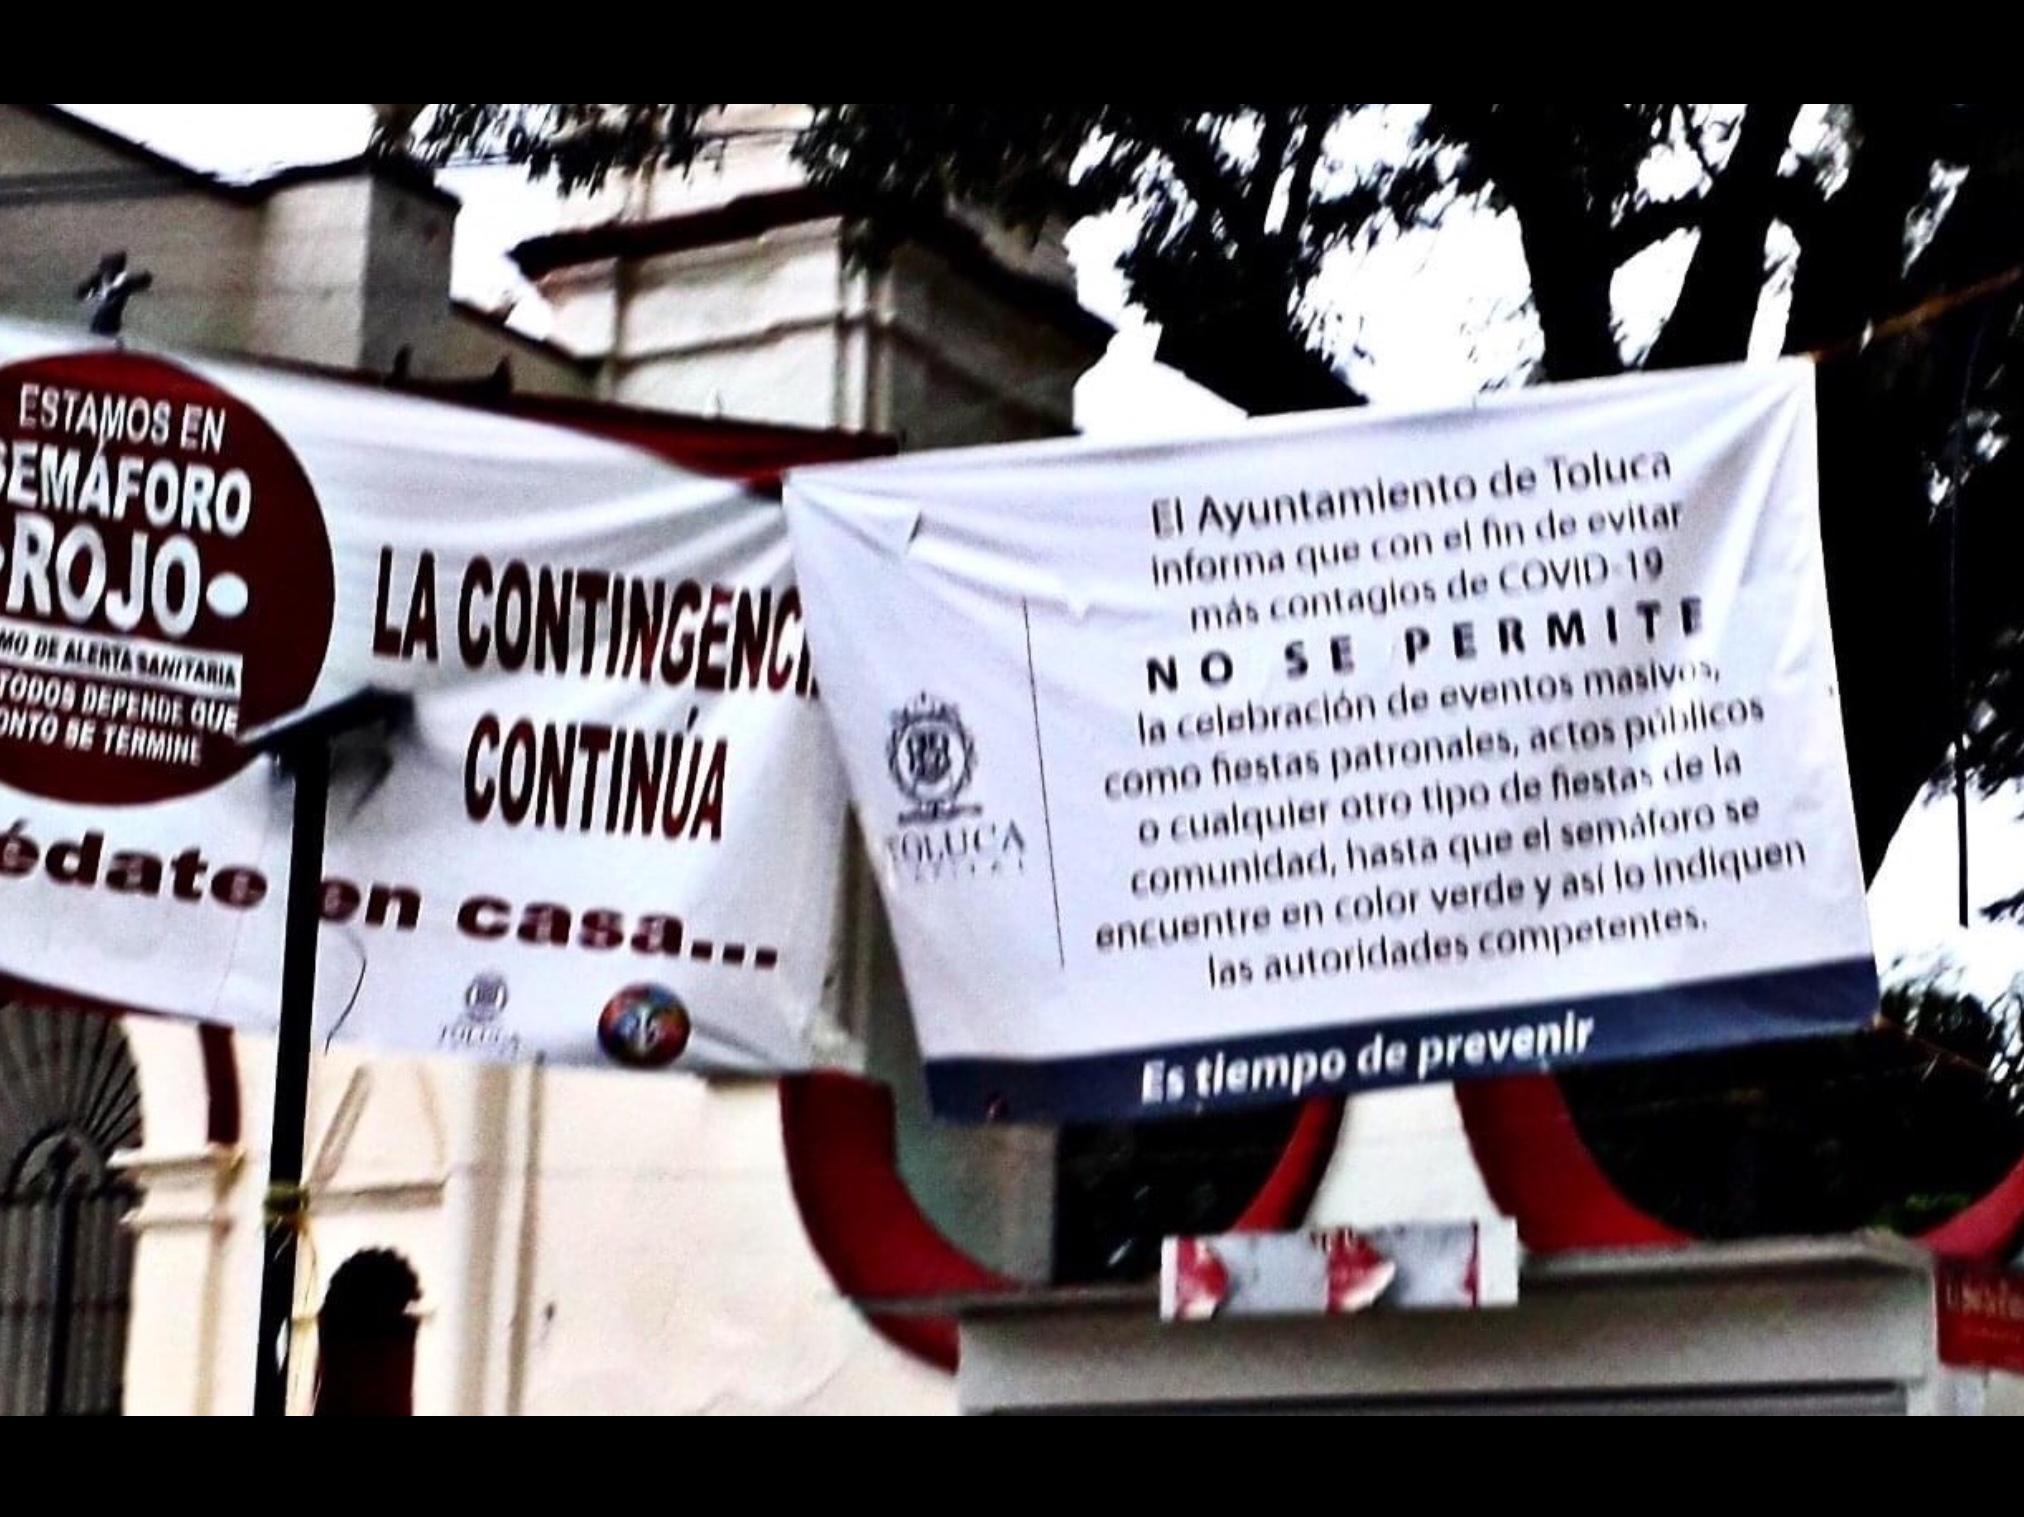 Advierten repunte de COVID-19 en Toluca